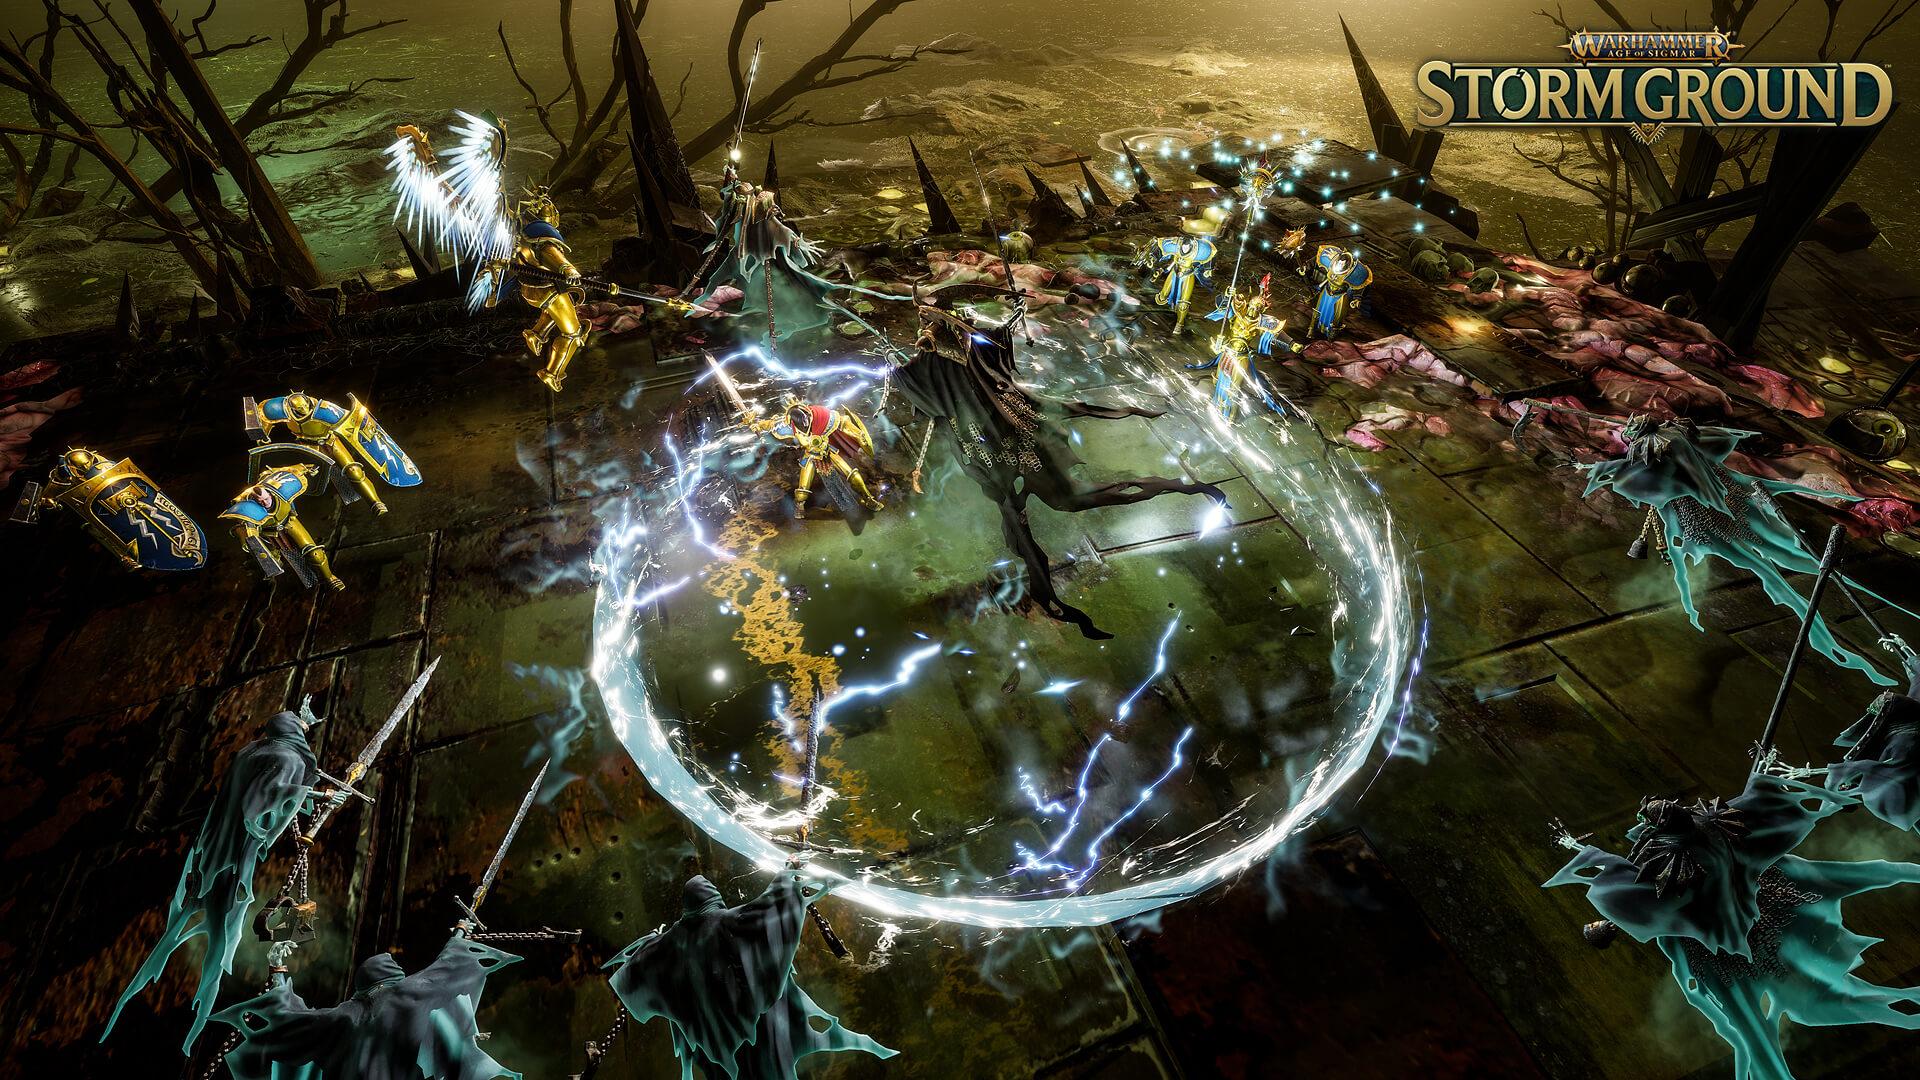 AOS_StormGround_screenshot_02_logo